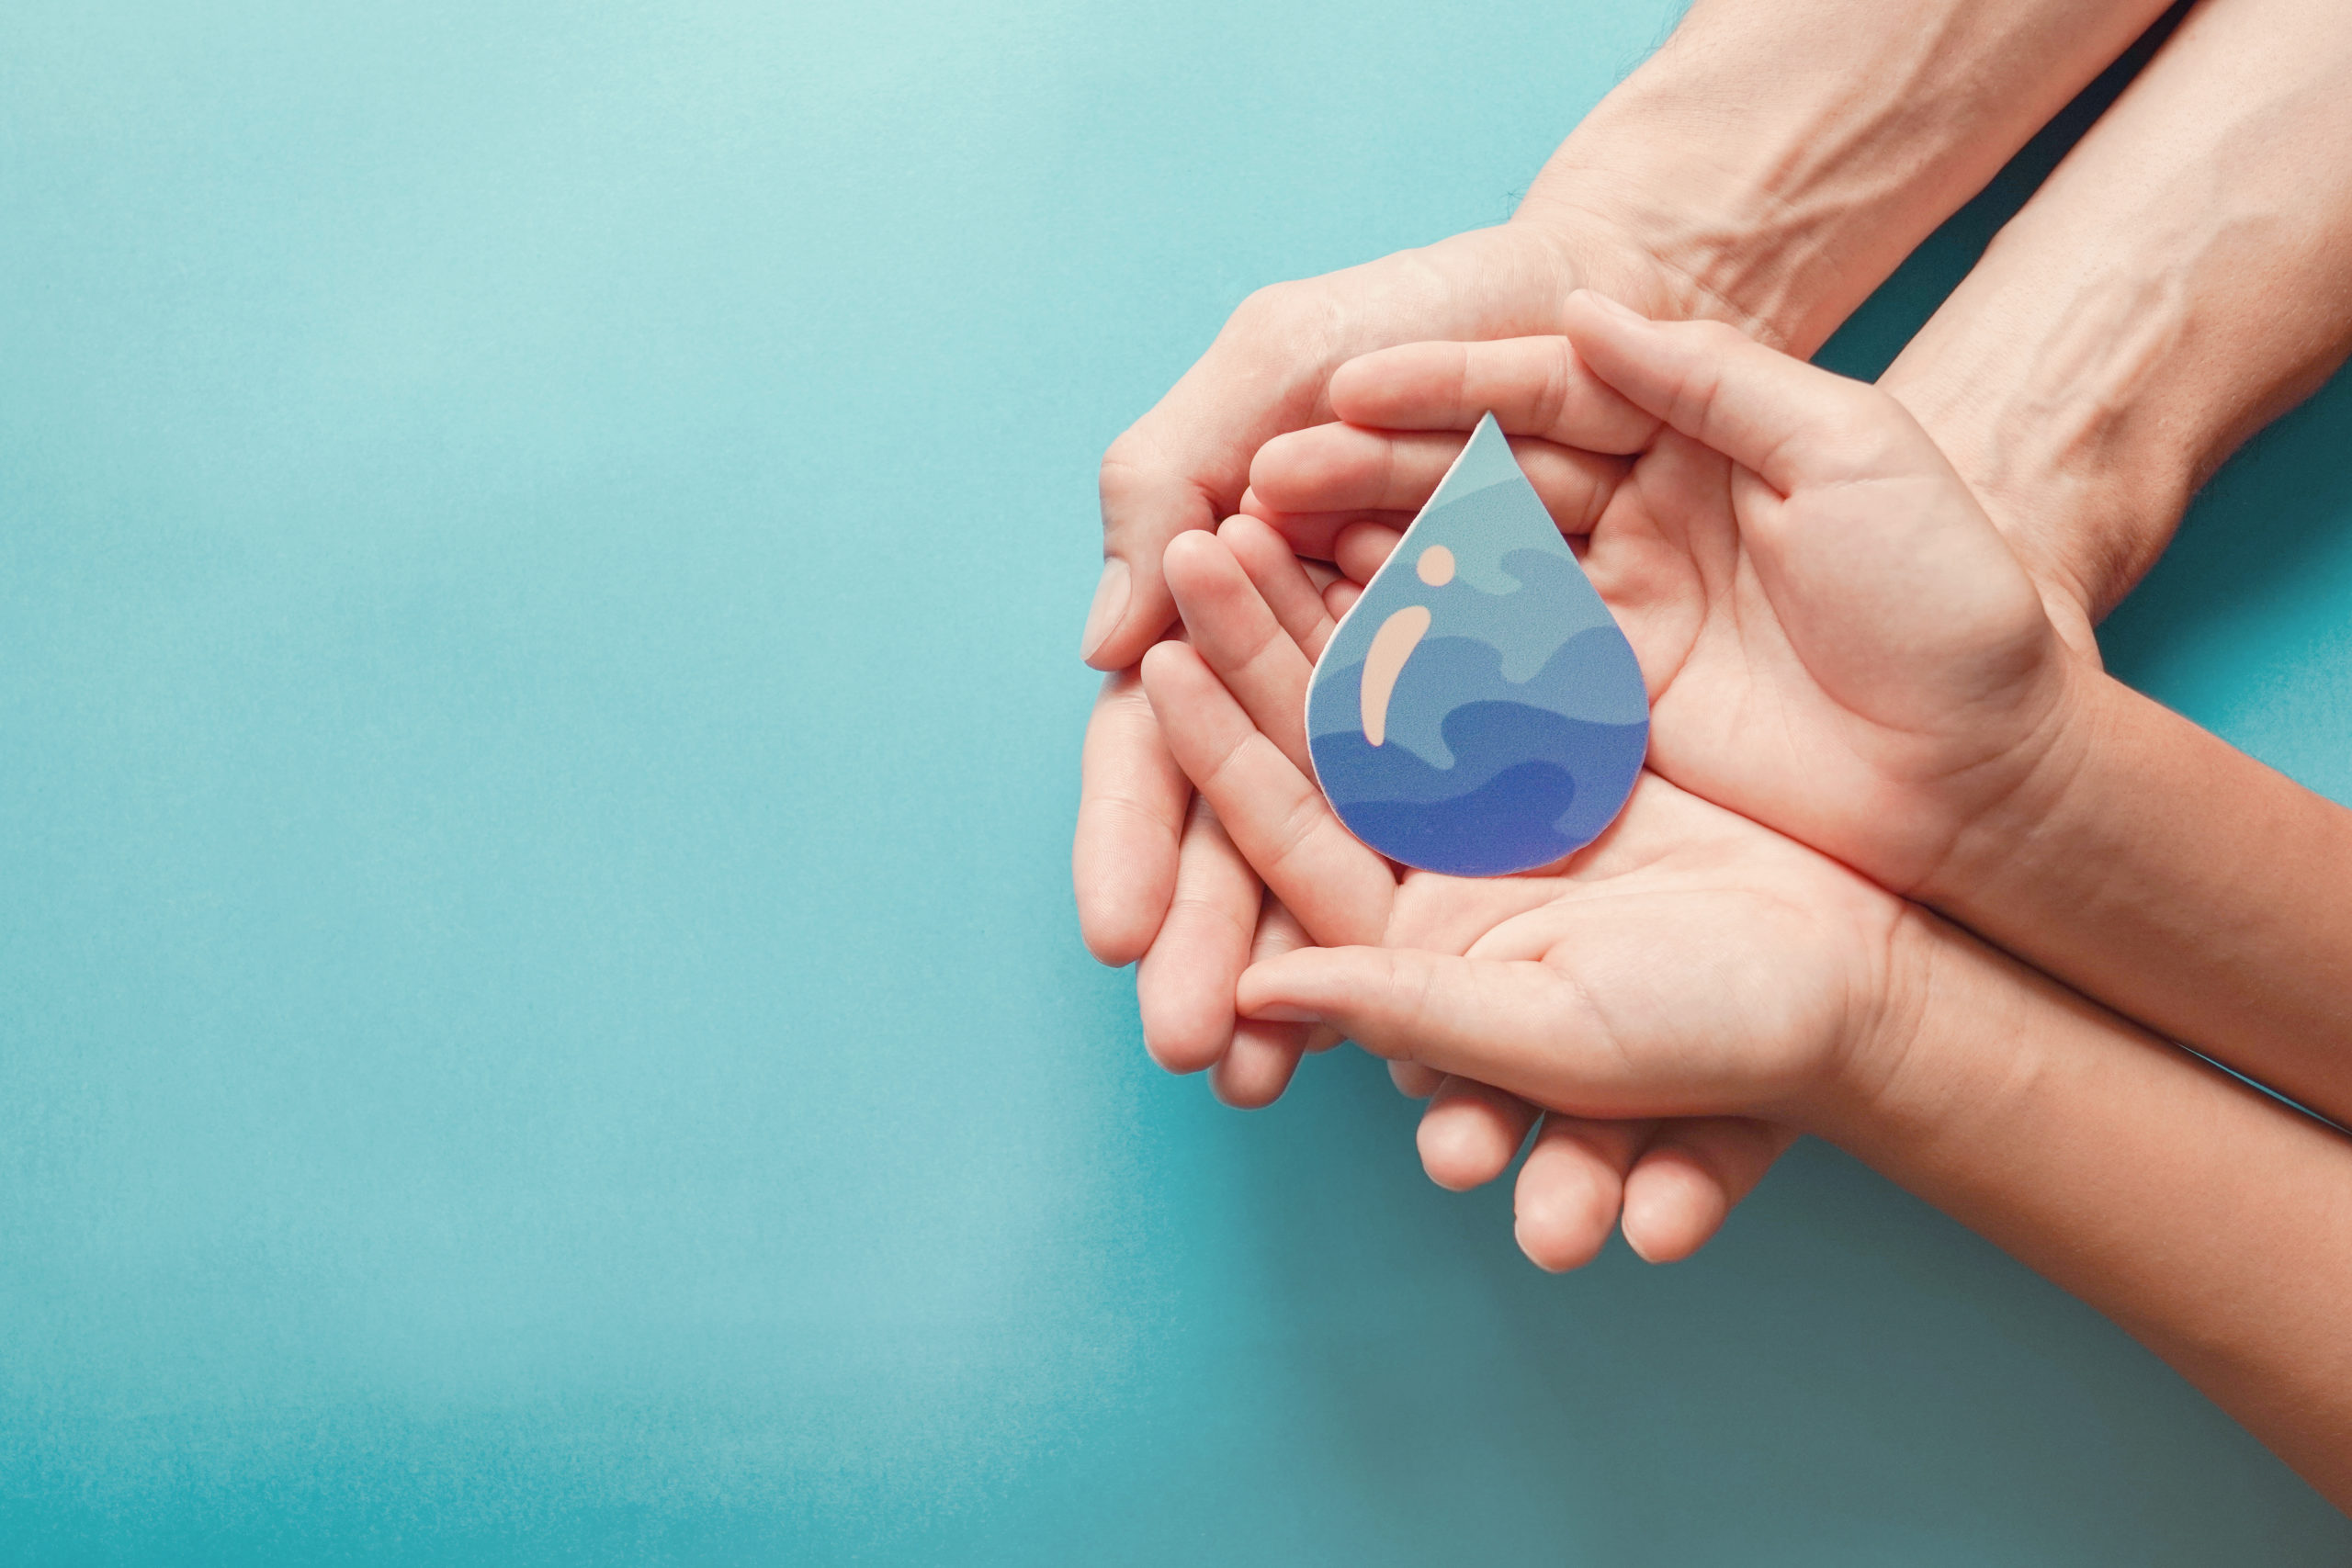 Día Mundial del Agua: ¿cómo salvar el tesoro más grande que nos queda?